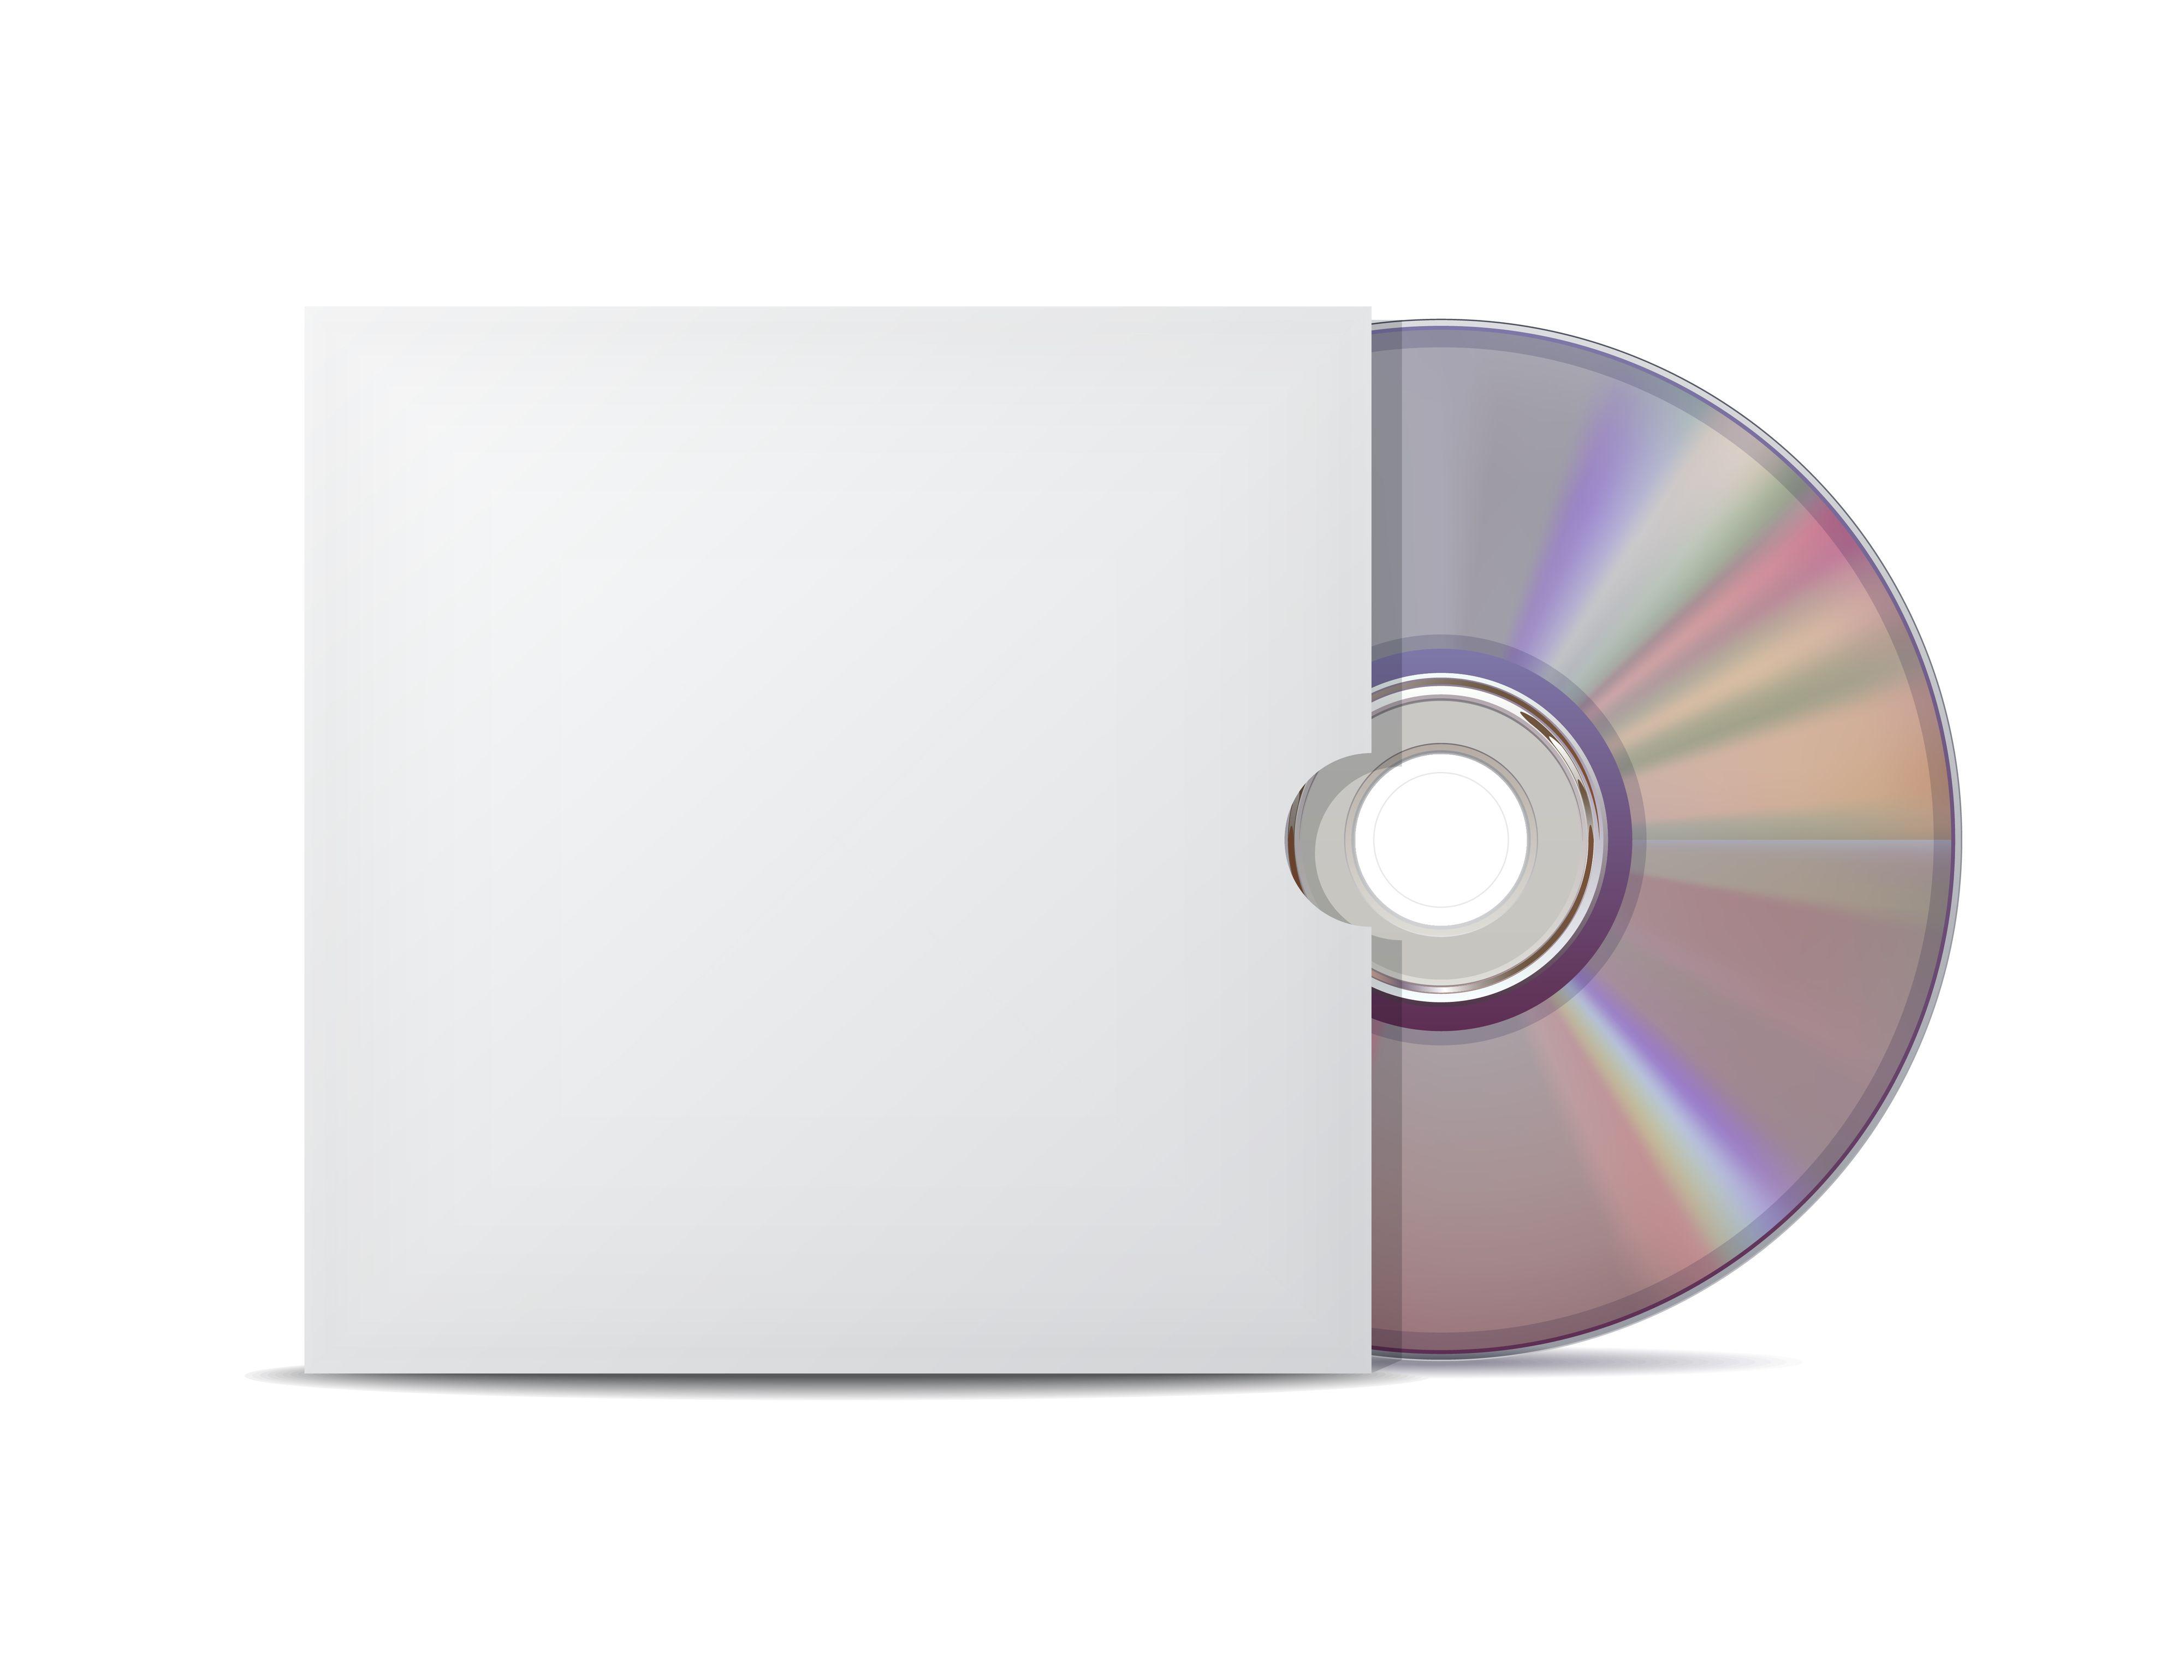 På slutten av nittitallet var det ikke uvanlig å finne CD-plater med et utsnitt av internett i databladene på kiosken. Foto: tassel78 / Shutterstock.com